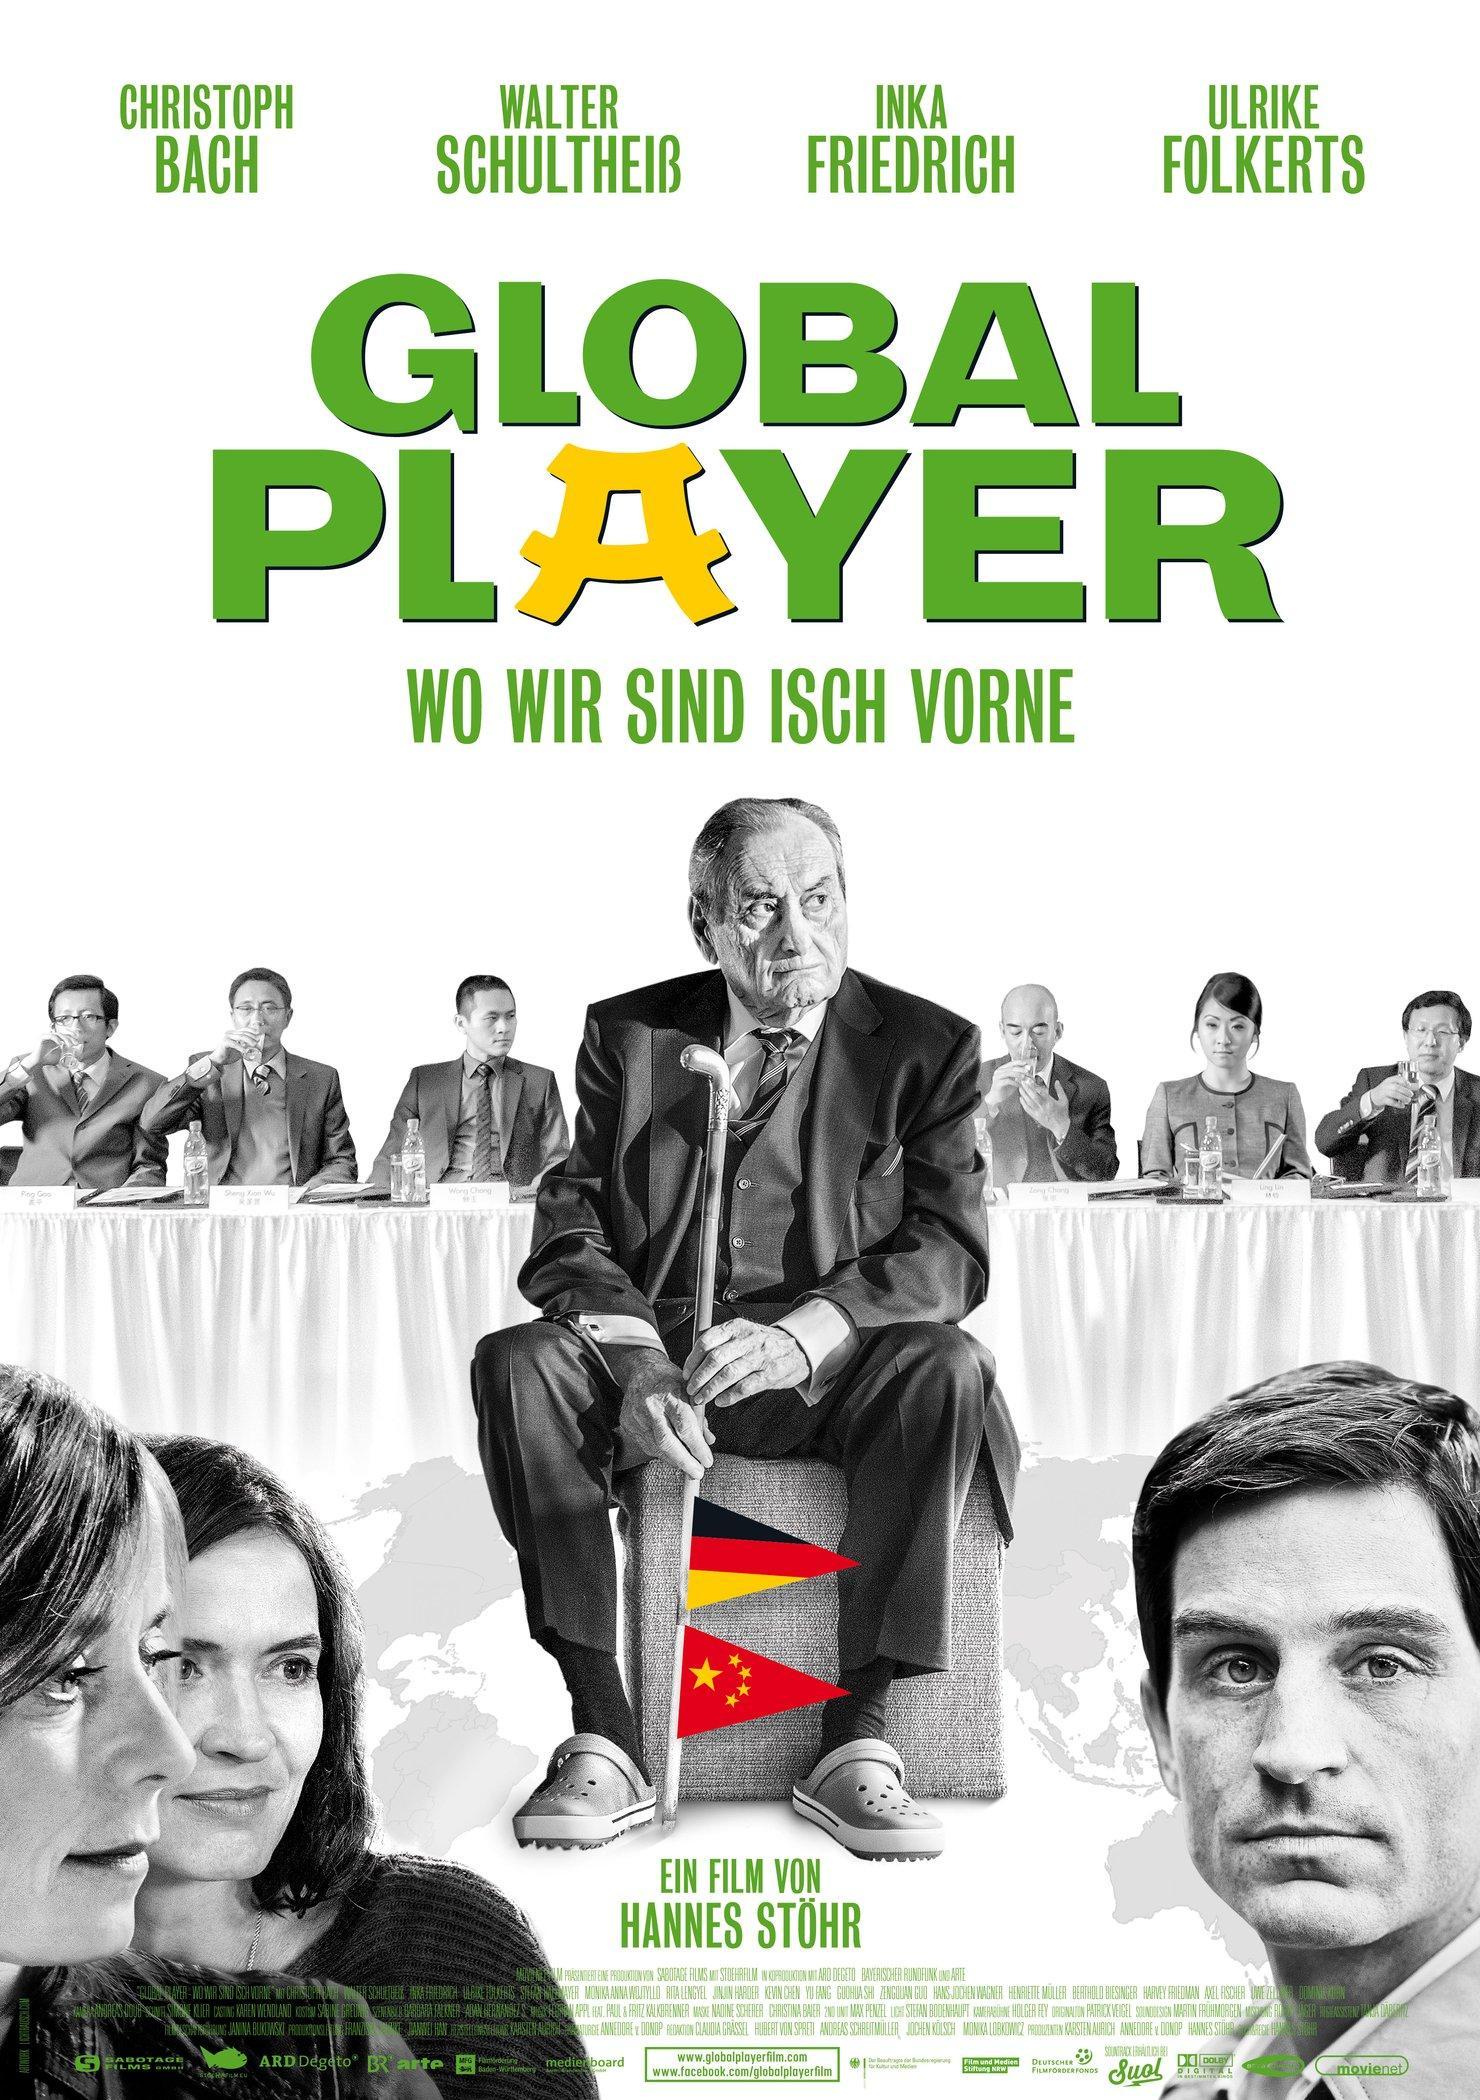 Global Player - Wo wir sind isch vorne (Poster)